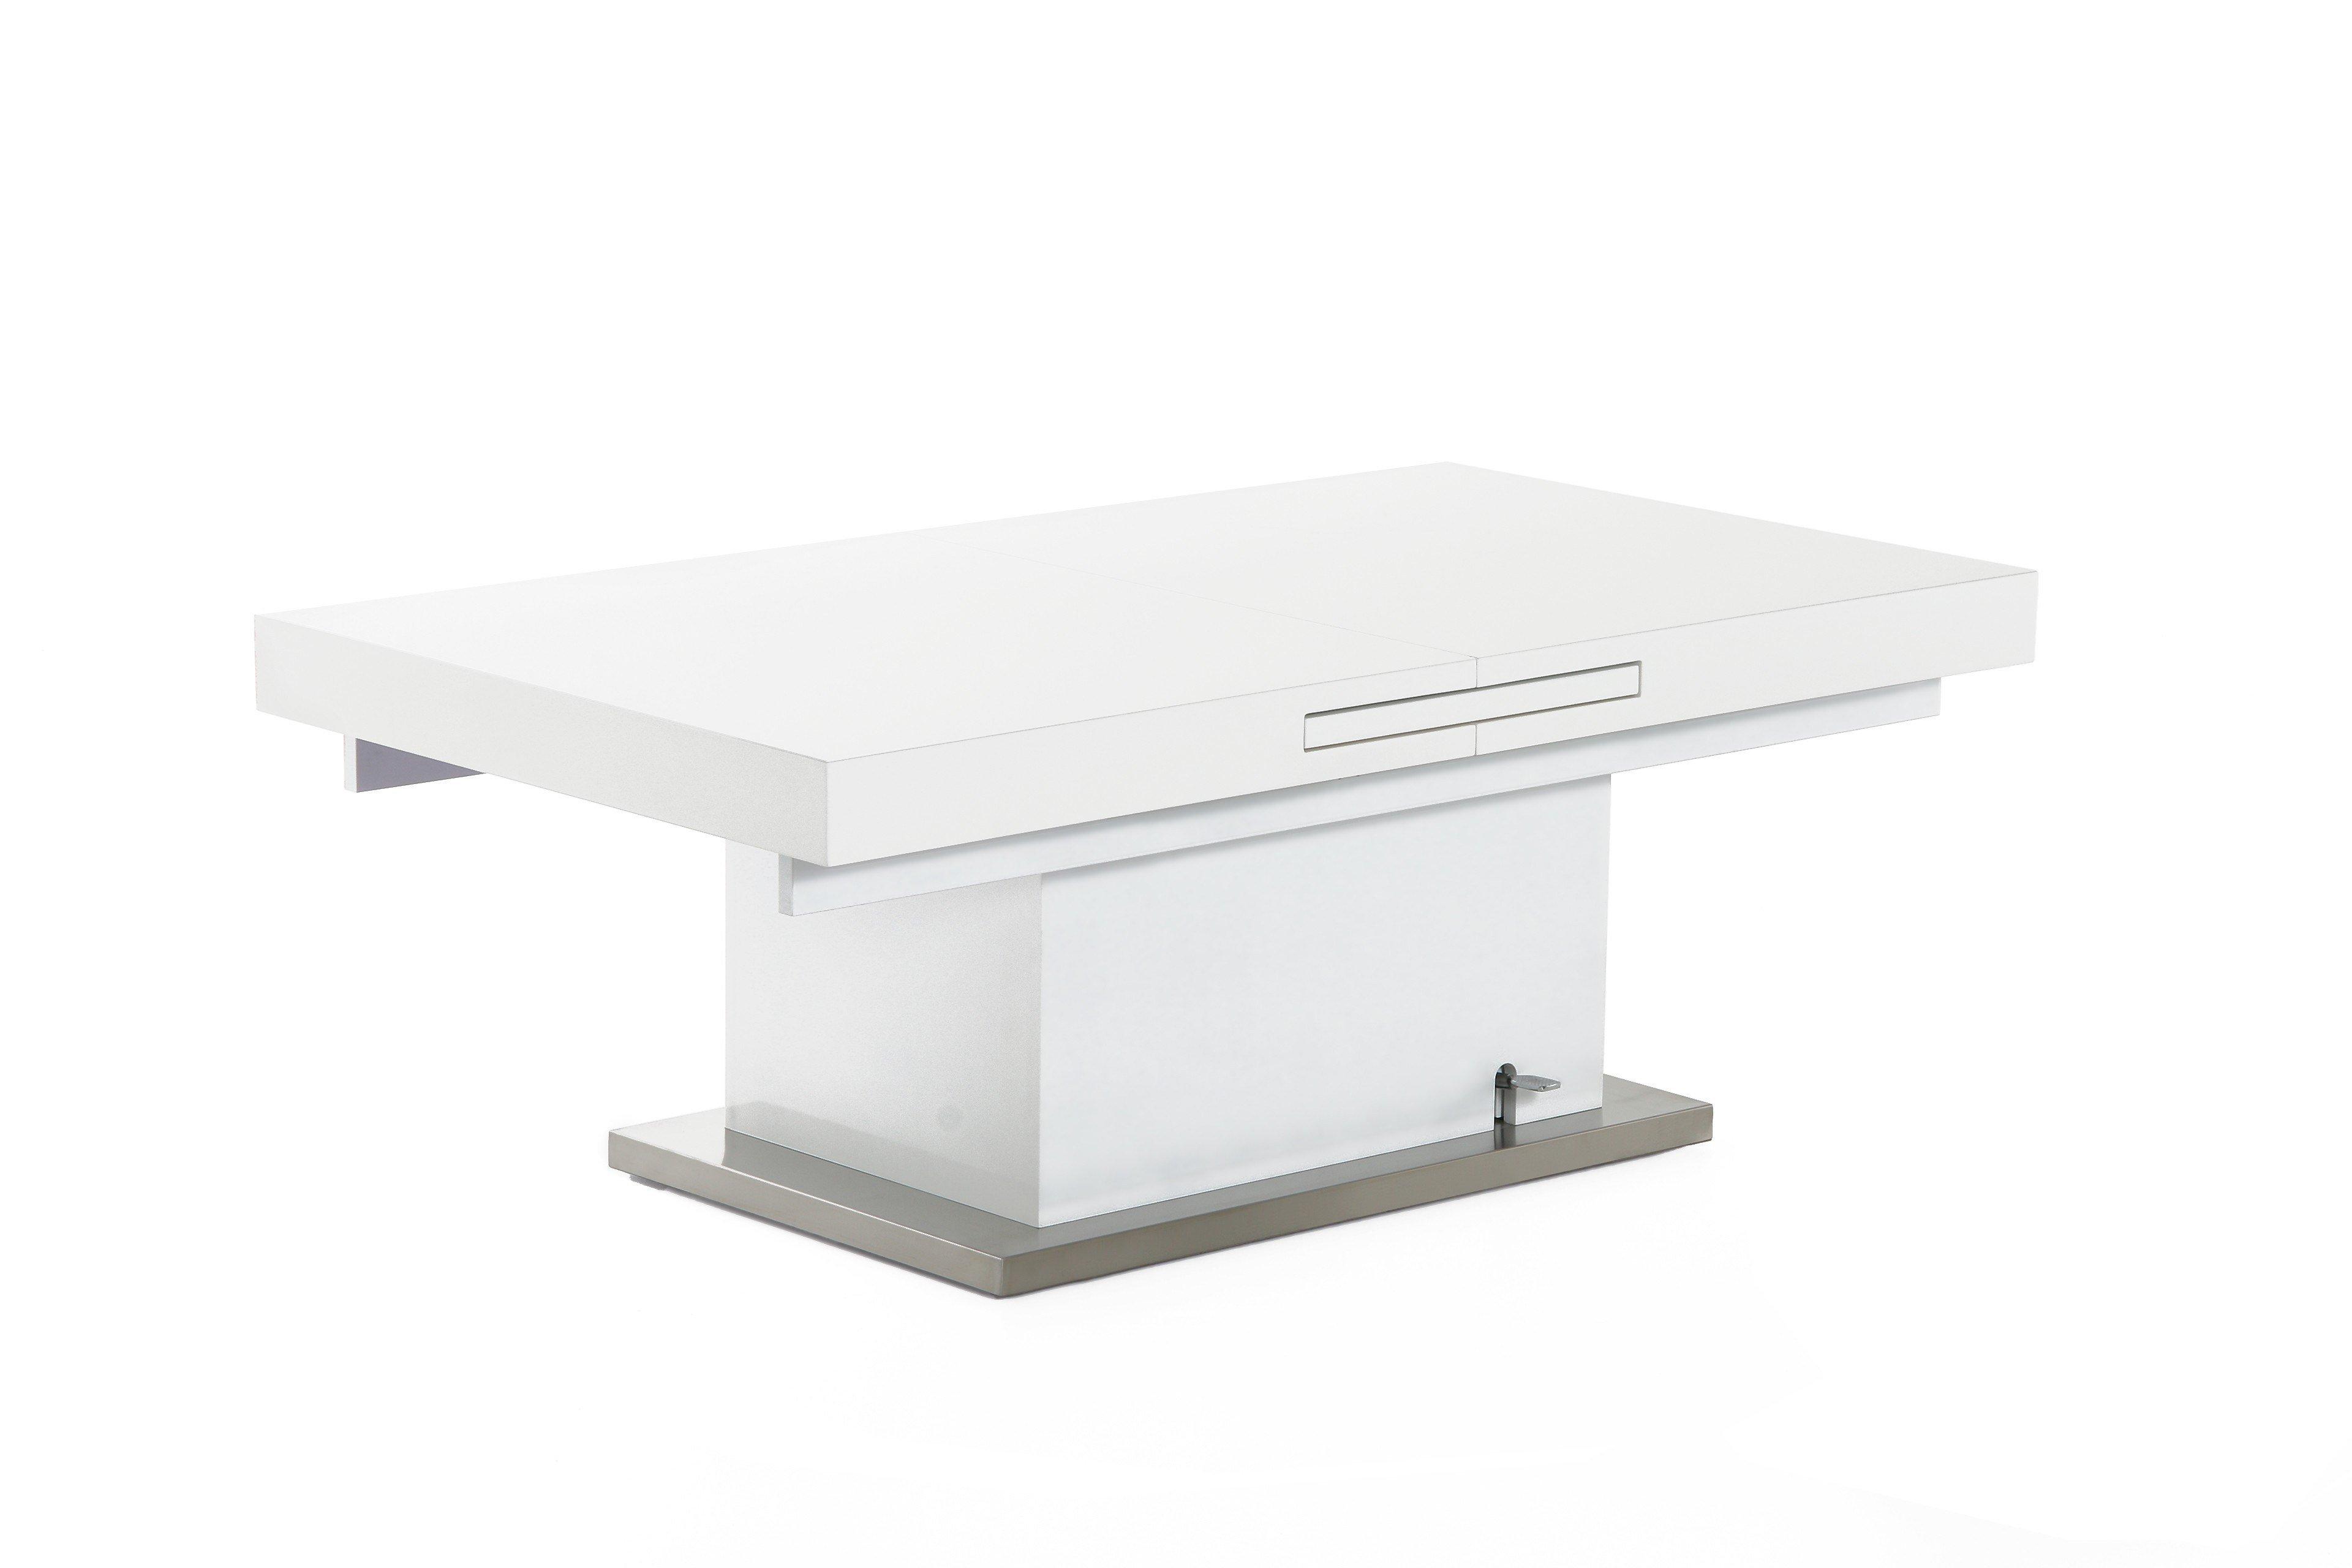 Schnell lieferbarer Couchtisch Lennox  HLDesign  Möbel